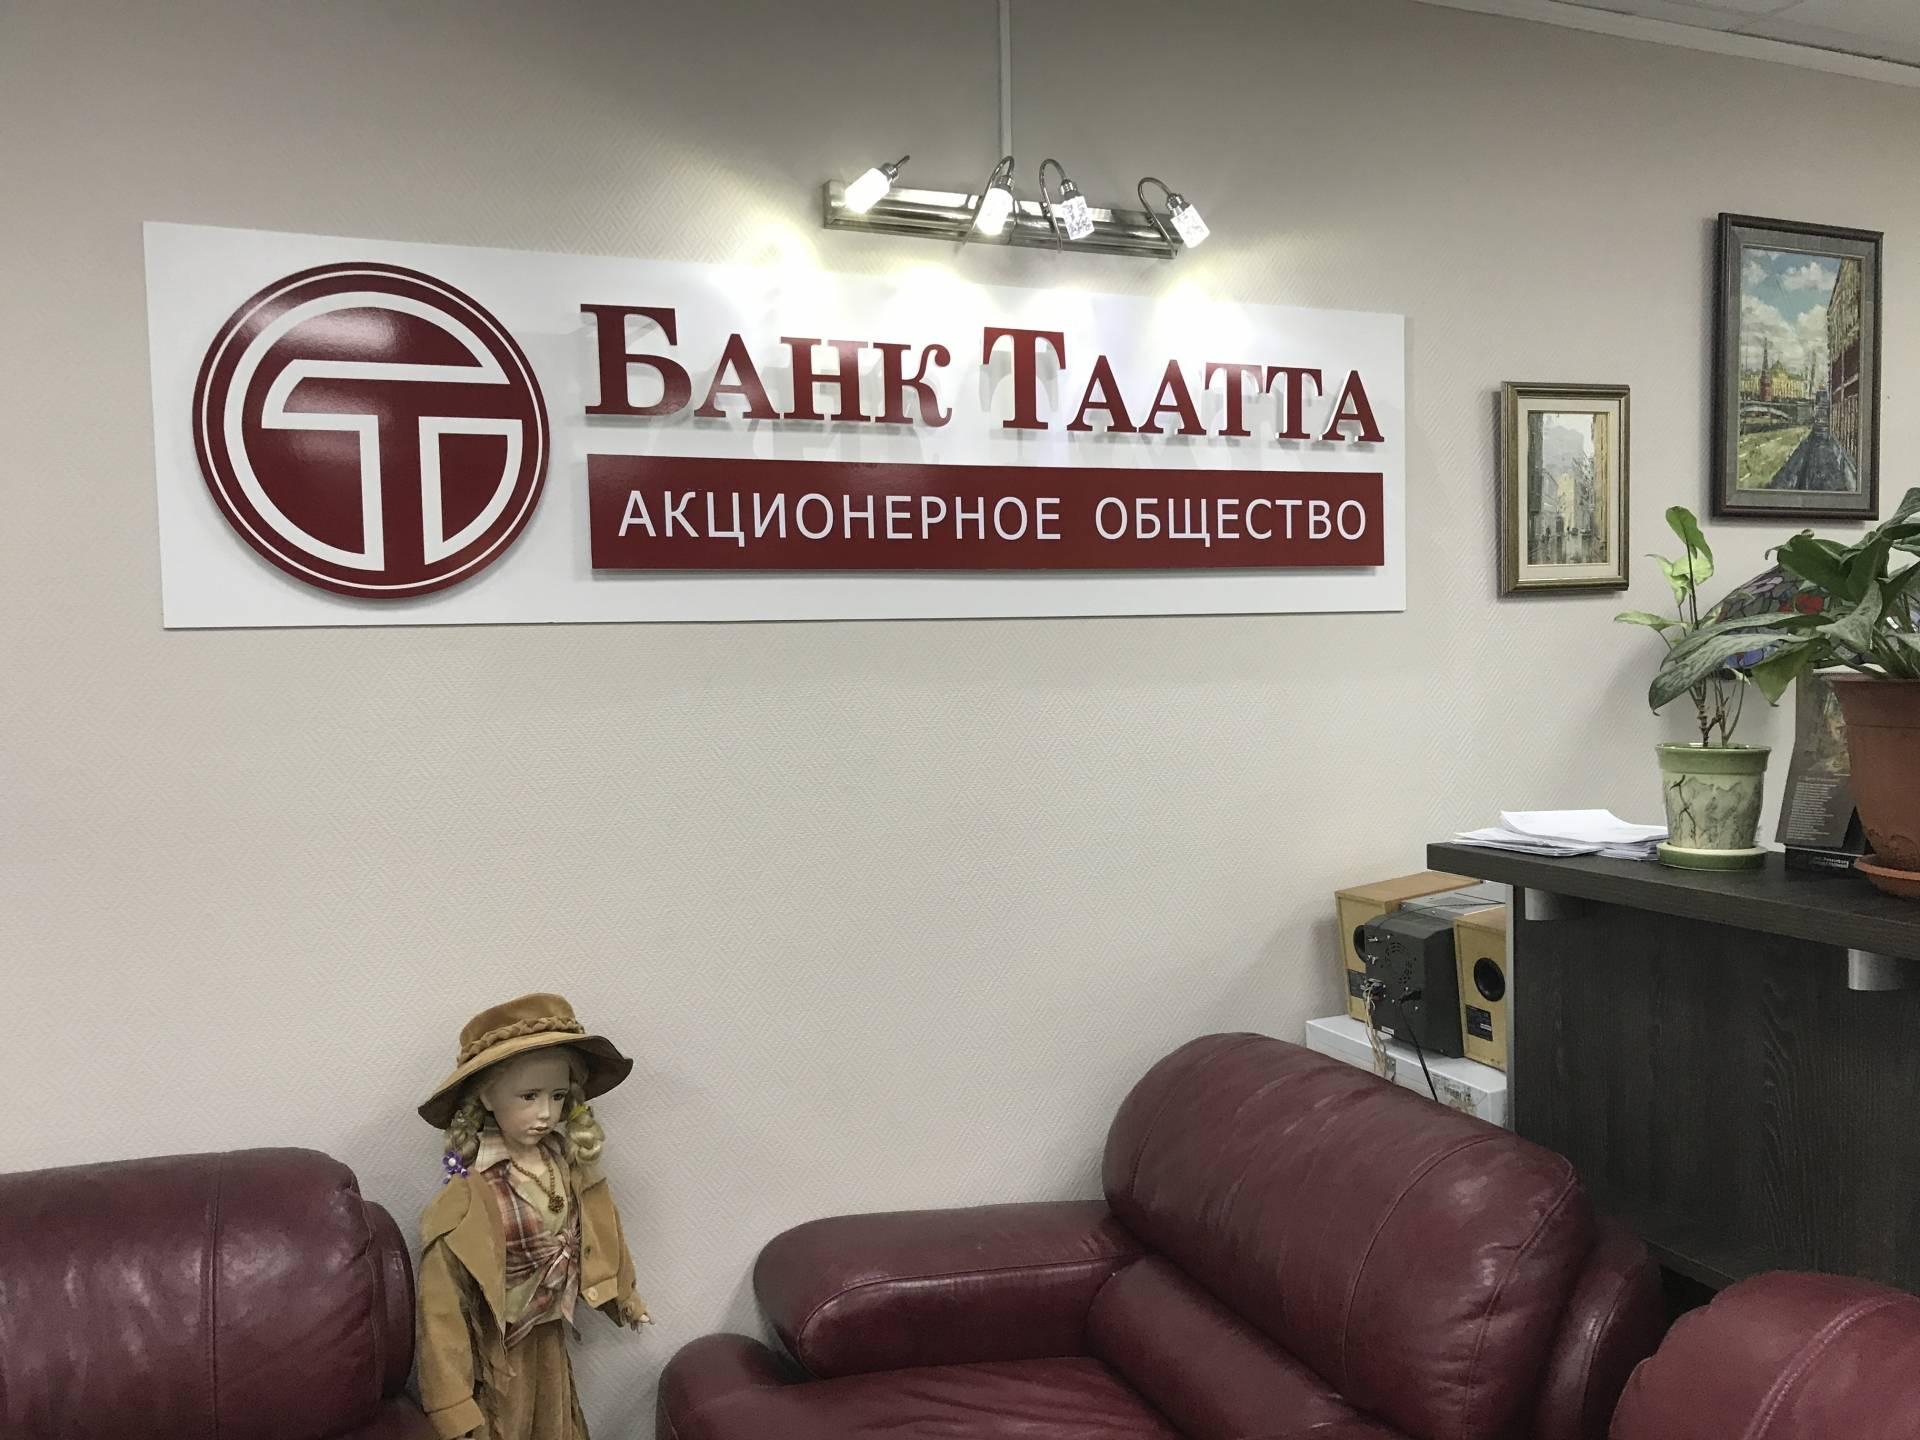 """В Крыму прекратили работу филиалы банка """"Таатта"""""""